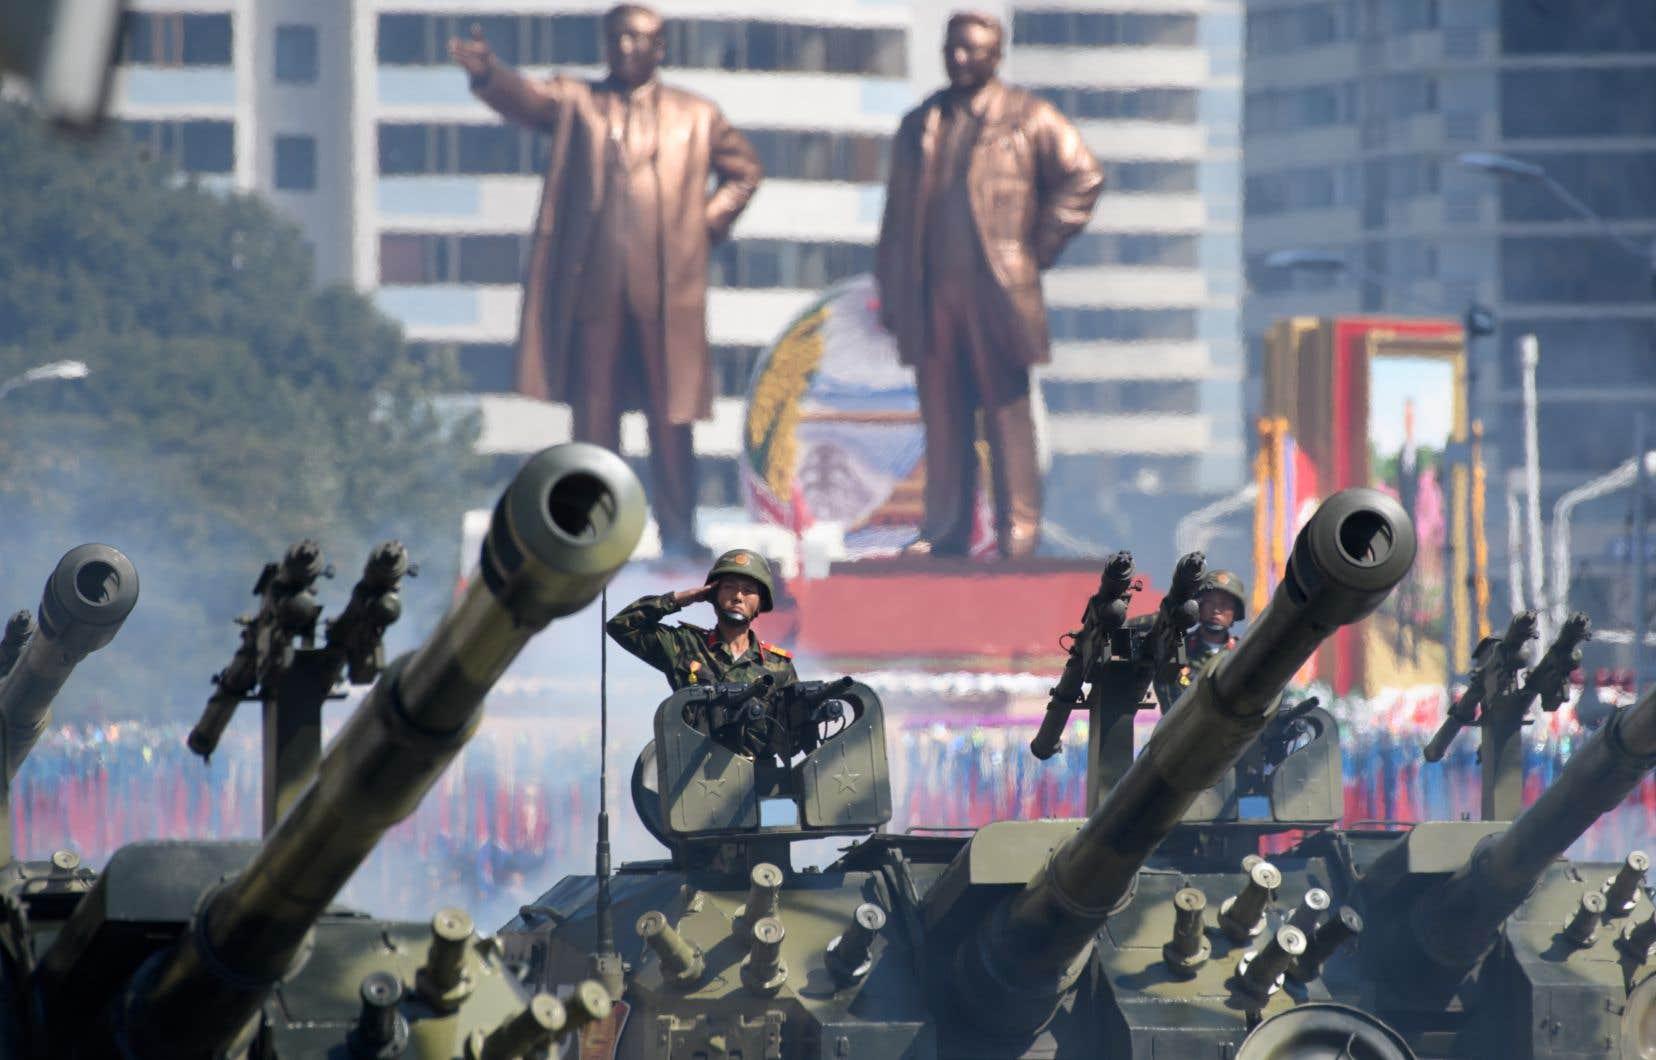 Des soldats de l'Armée populaire coréenne saluent alors qu'ils cunsuident des chars d'assaut lors d'un défilé militaire et d'un rassemblement de masse sur la place Kim Il Sung à Pyongyang, le 9 septembre 2018.